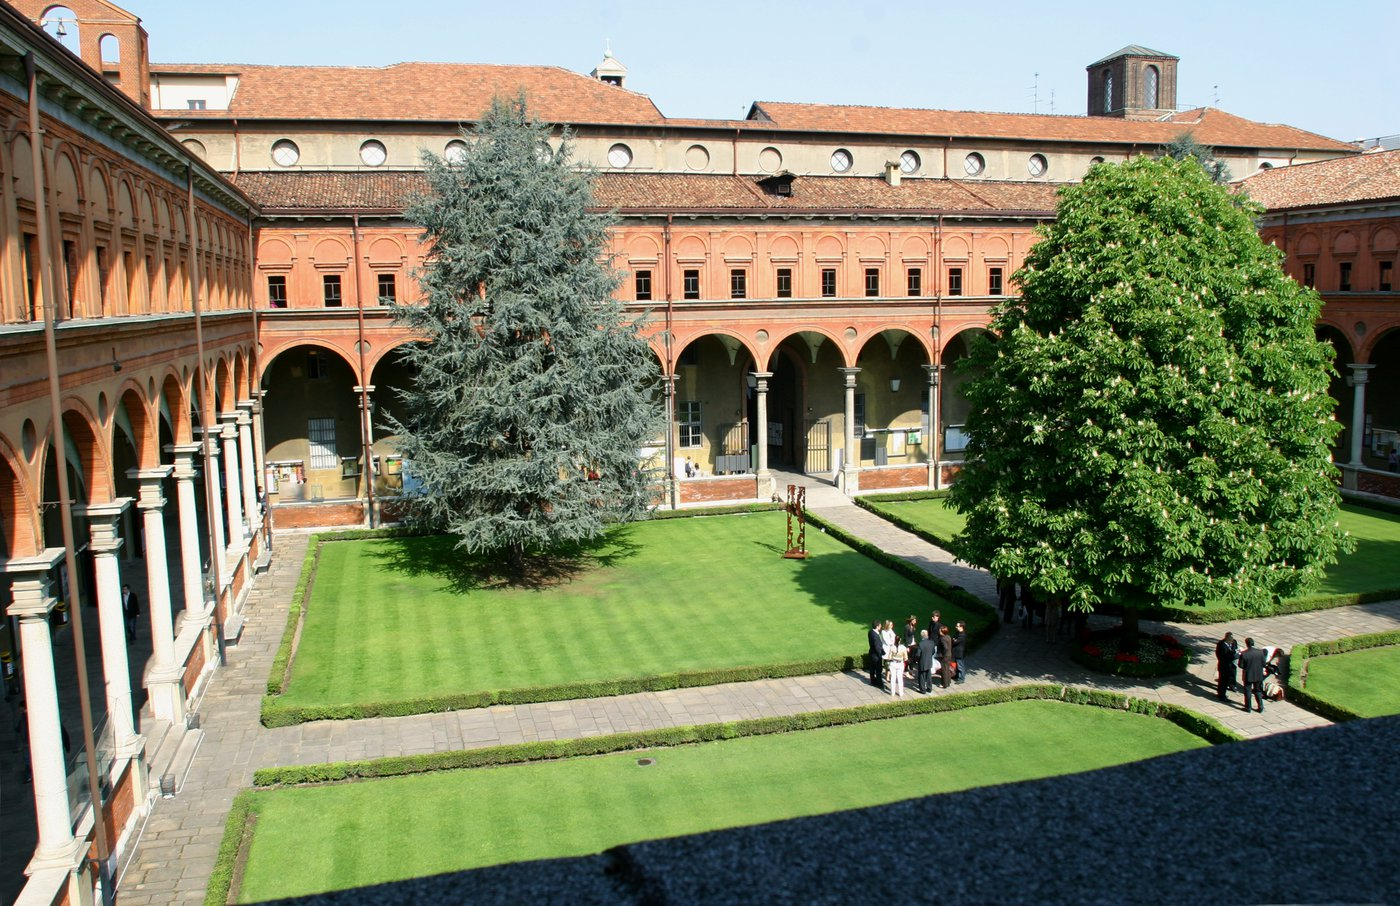 Università Cattolica del Sacro Cuore in Milan